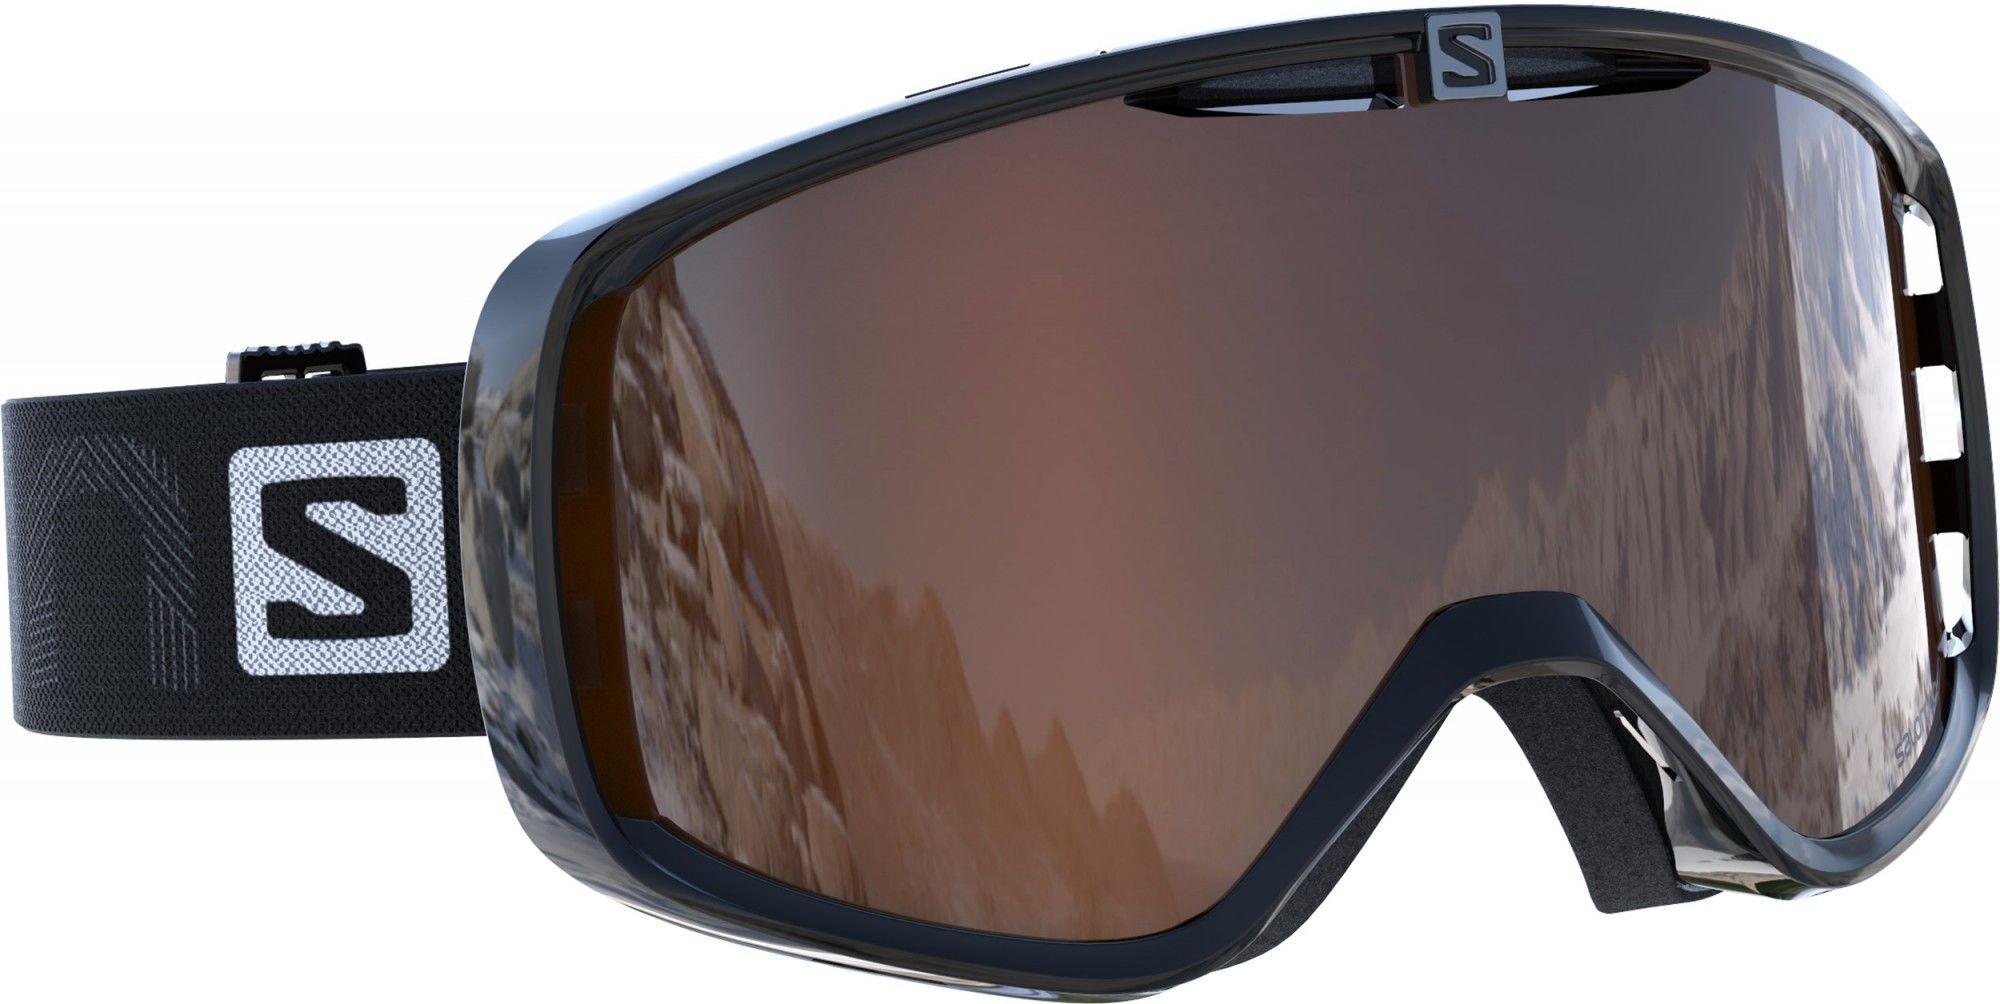 Salomon Aksium Access | Größe One Size |  Skibrille